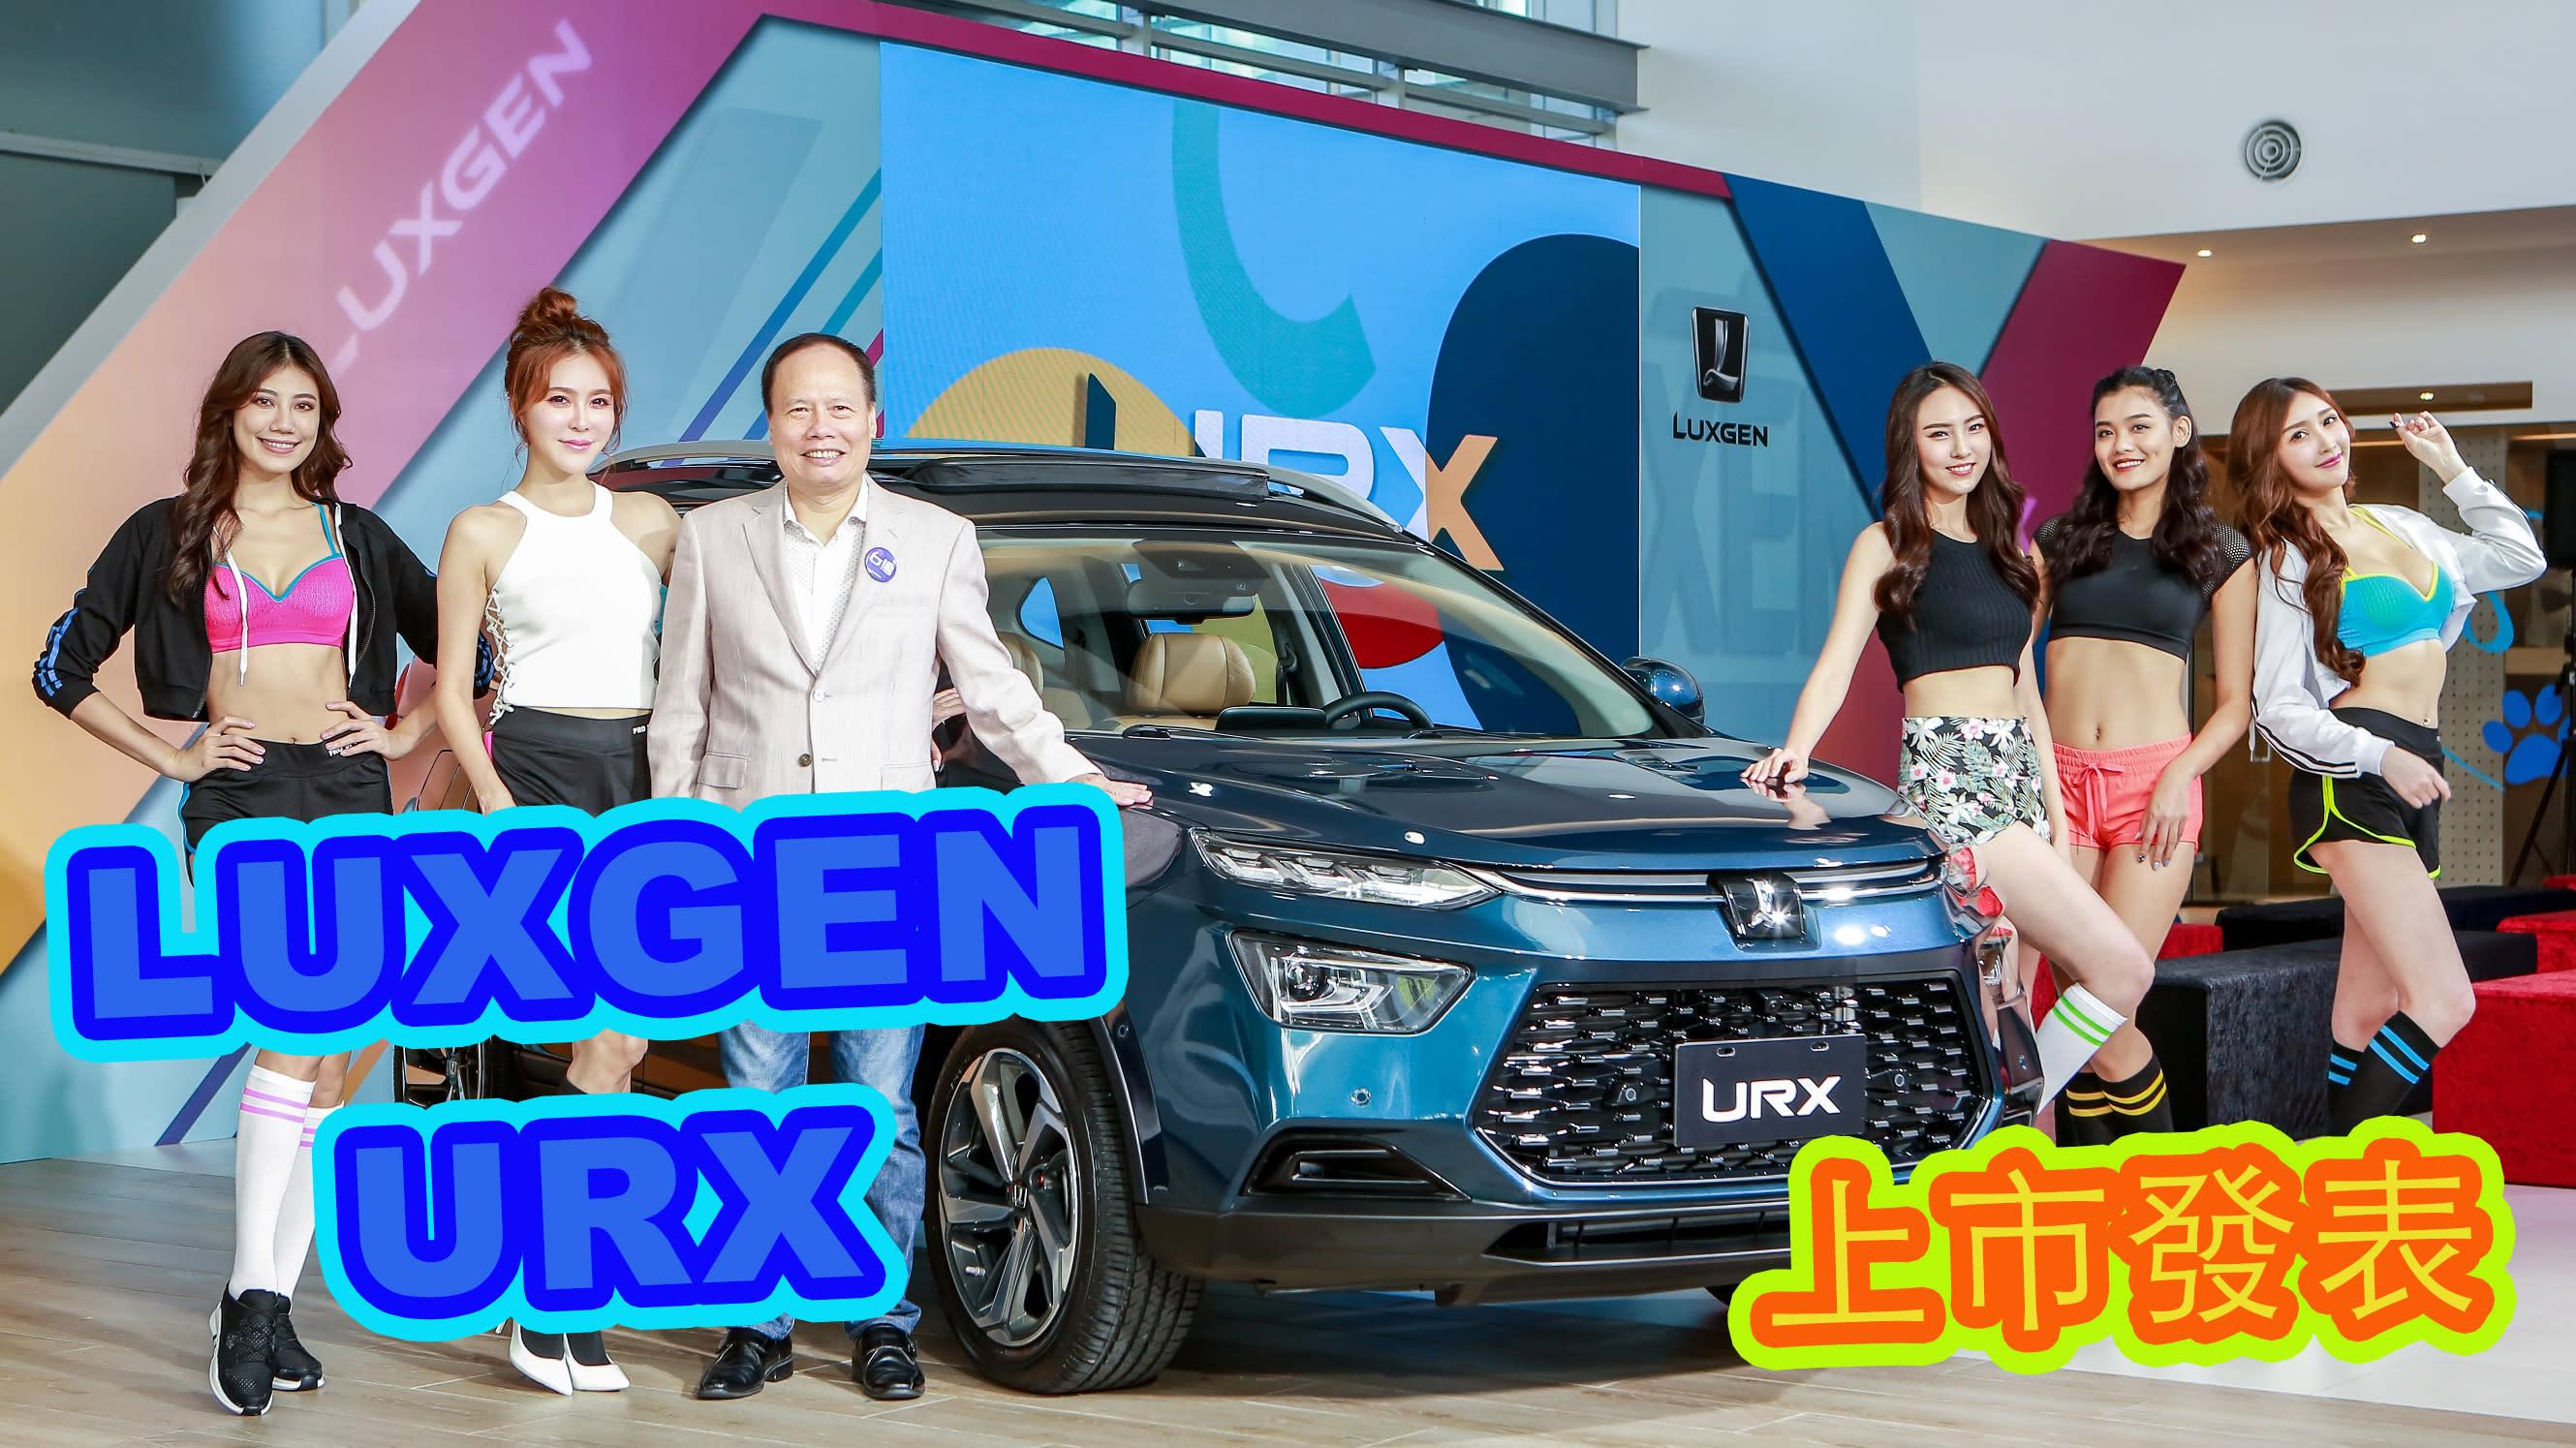 【HD影片】預接破千張!Luxgen URX 84.8萬︱正式上市